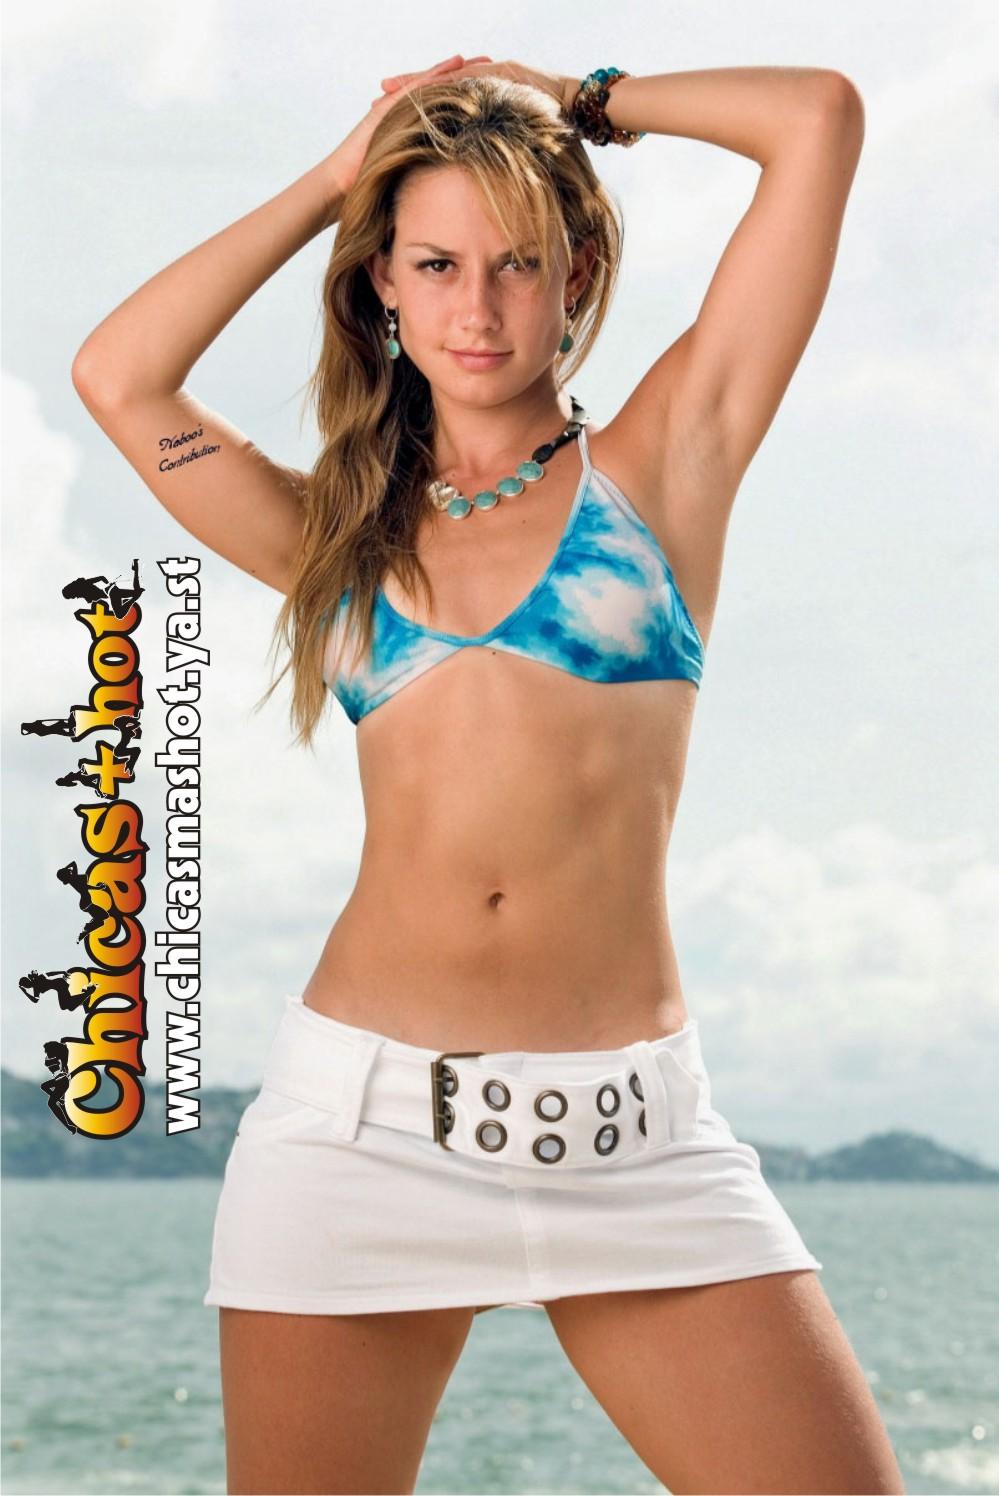 Altair Jarabo En Bikini Seys Fotos